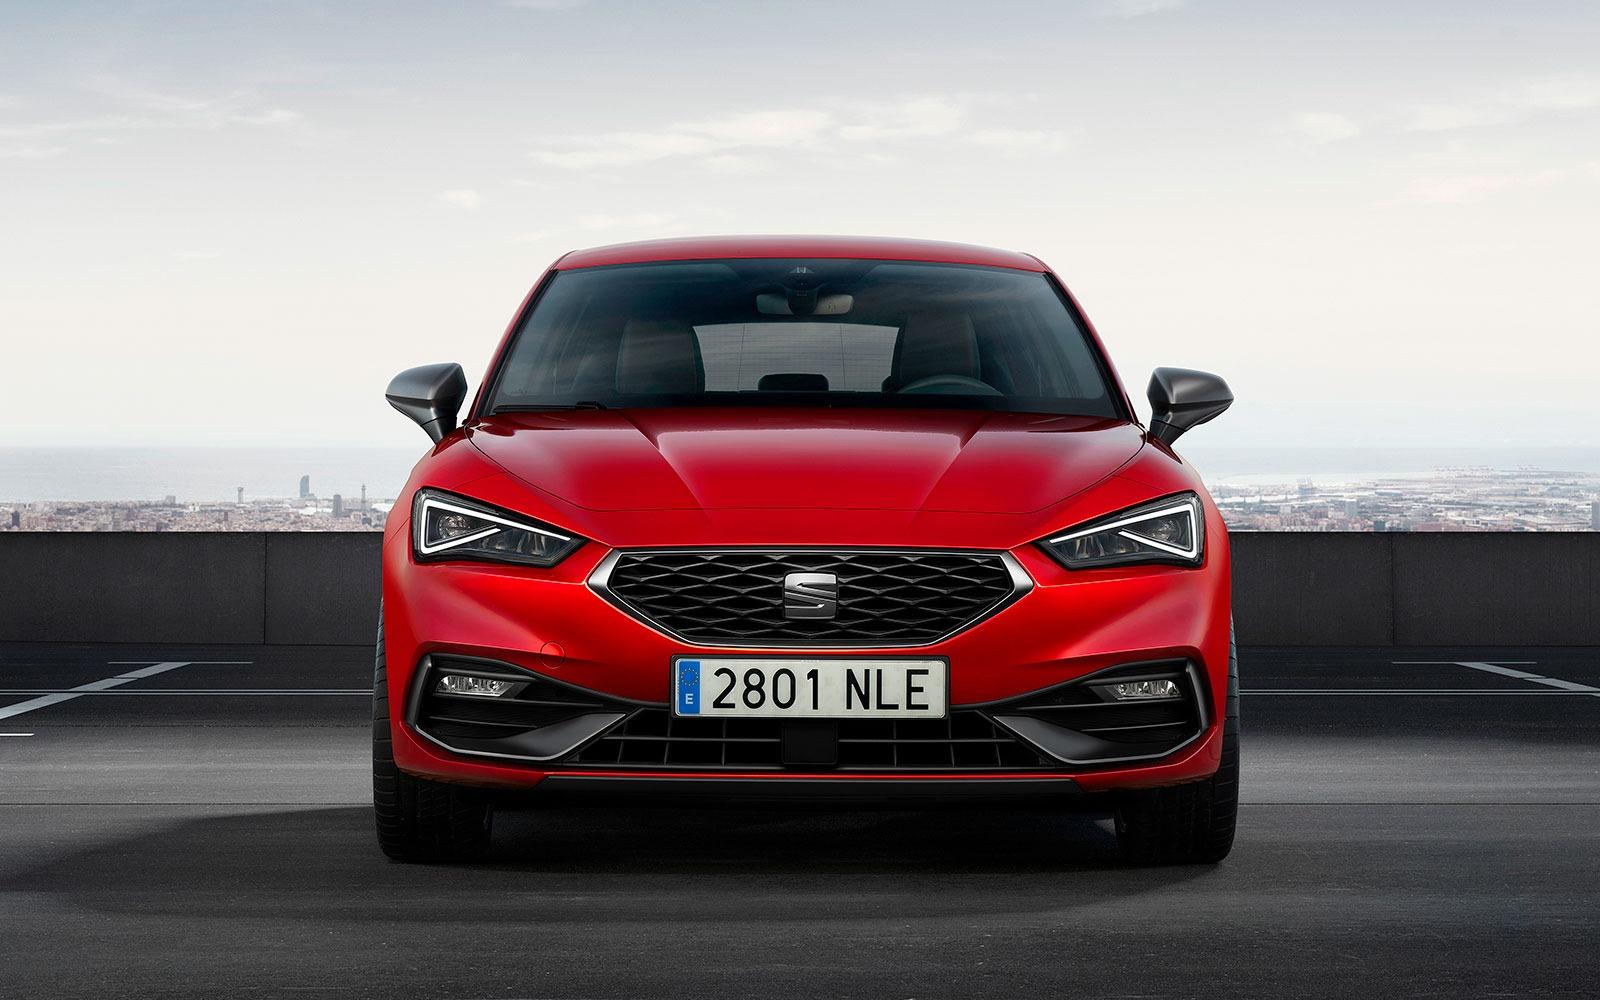 Самая продаваемая модель Seat – Leon – теперь доступна с новыми бензиновыми и дизельными двигателями в Великобритании.